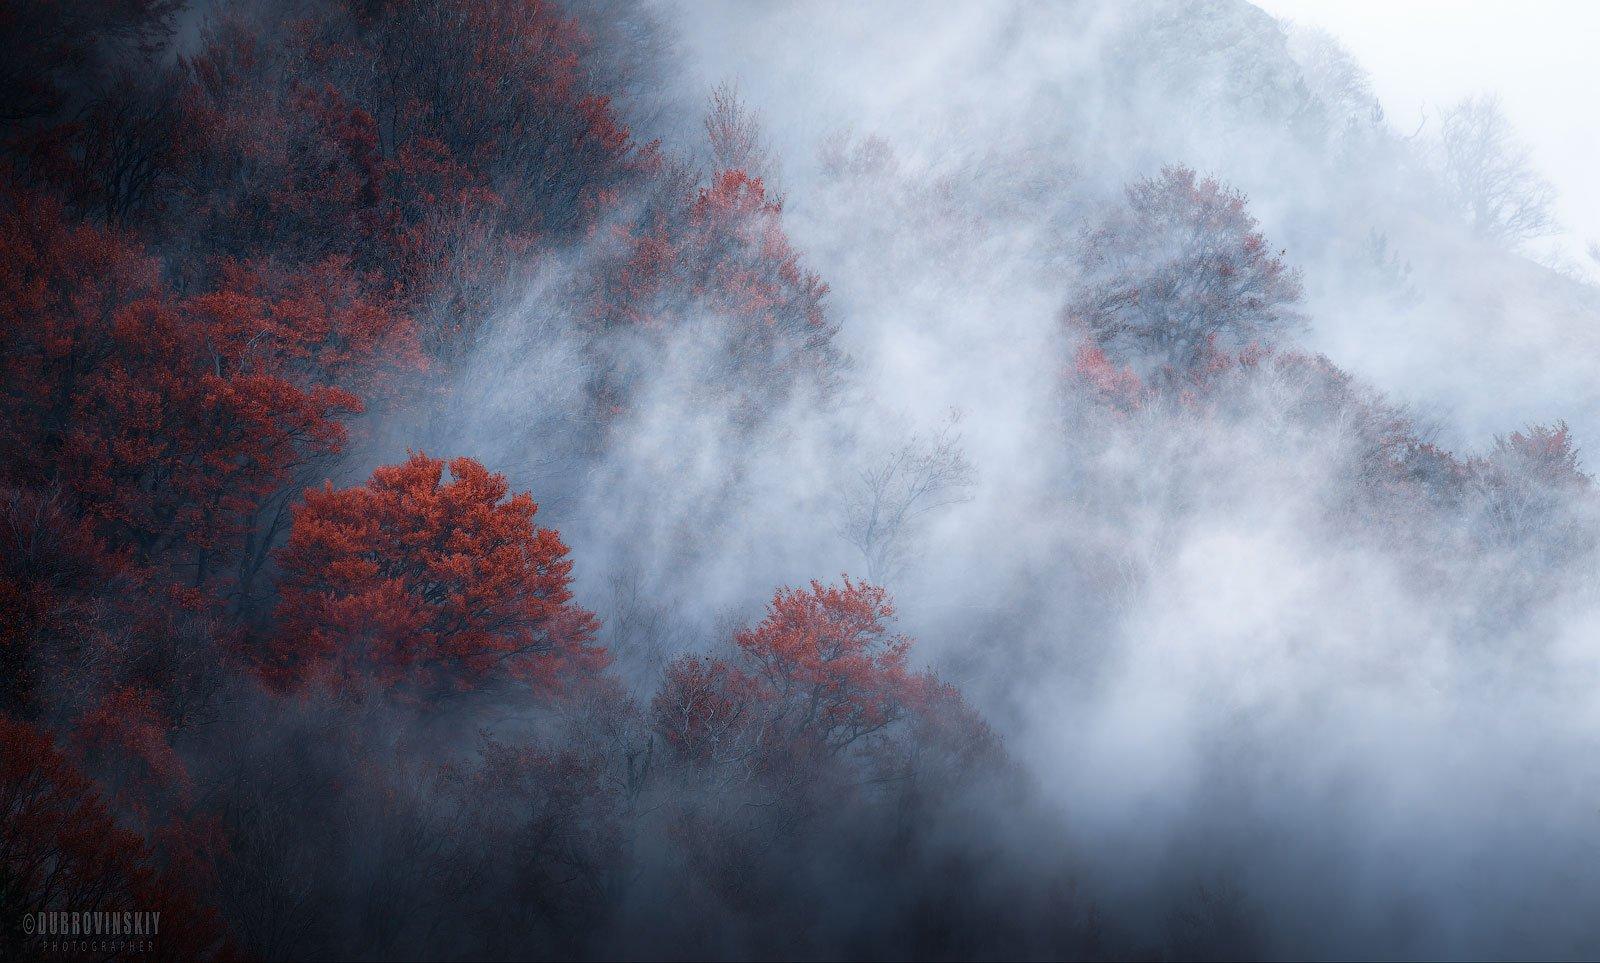 лес, туман, крым, буковый лес, осень, демерджи, Дубровинский Михаил